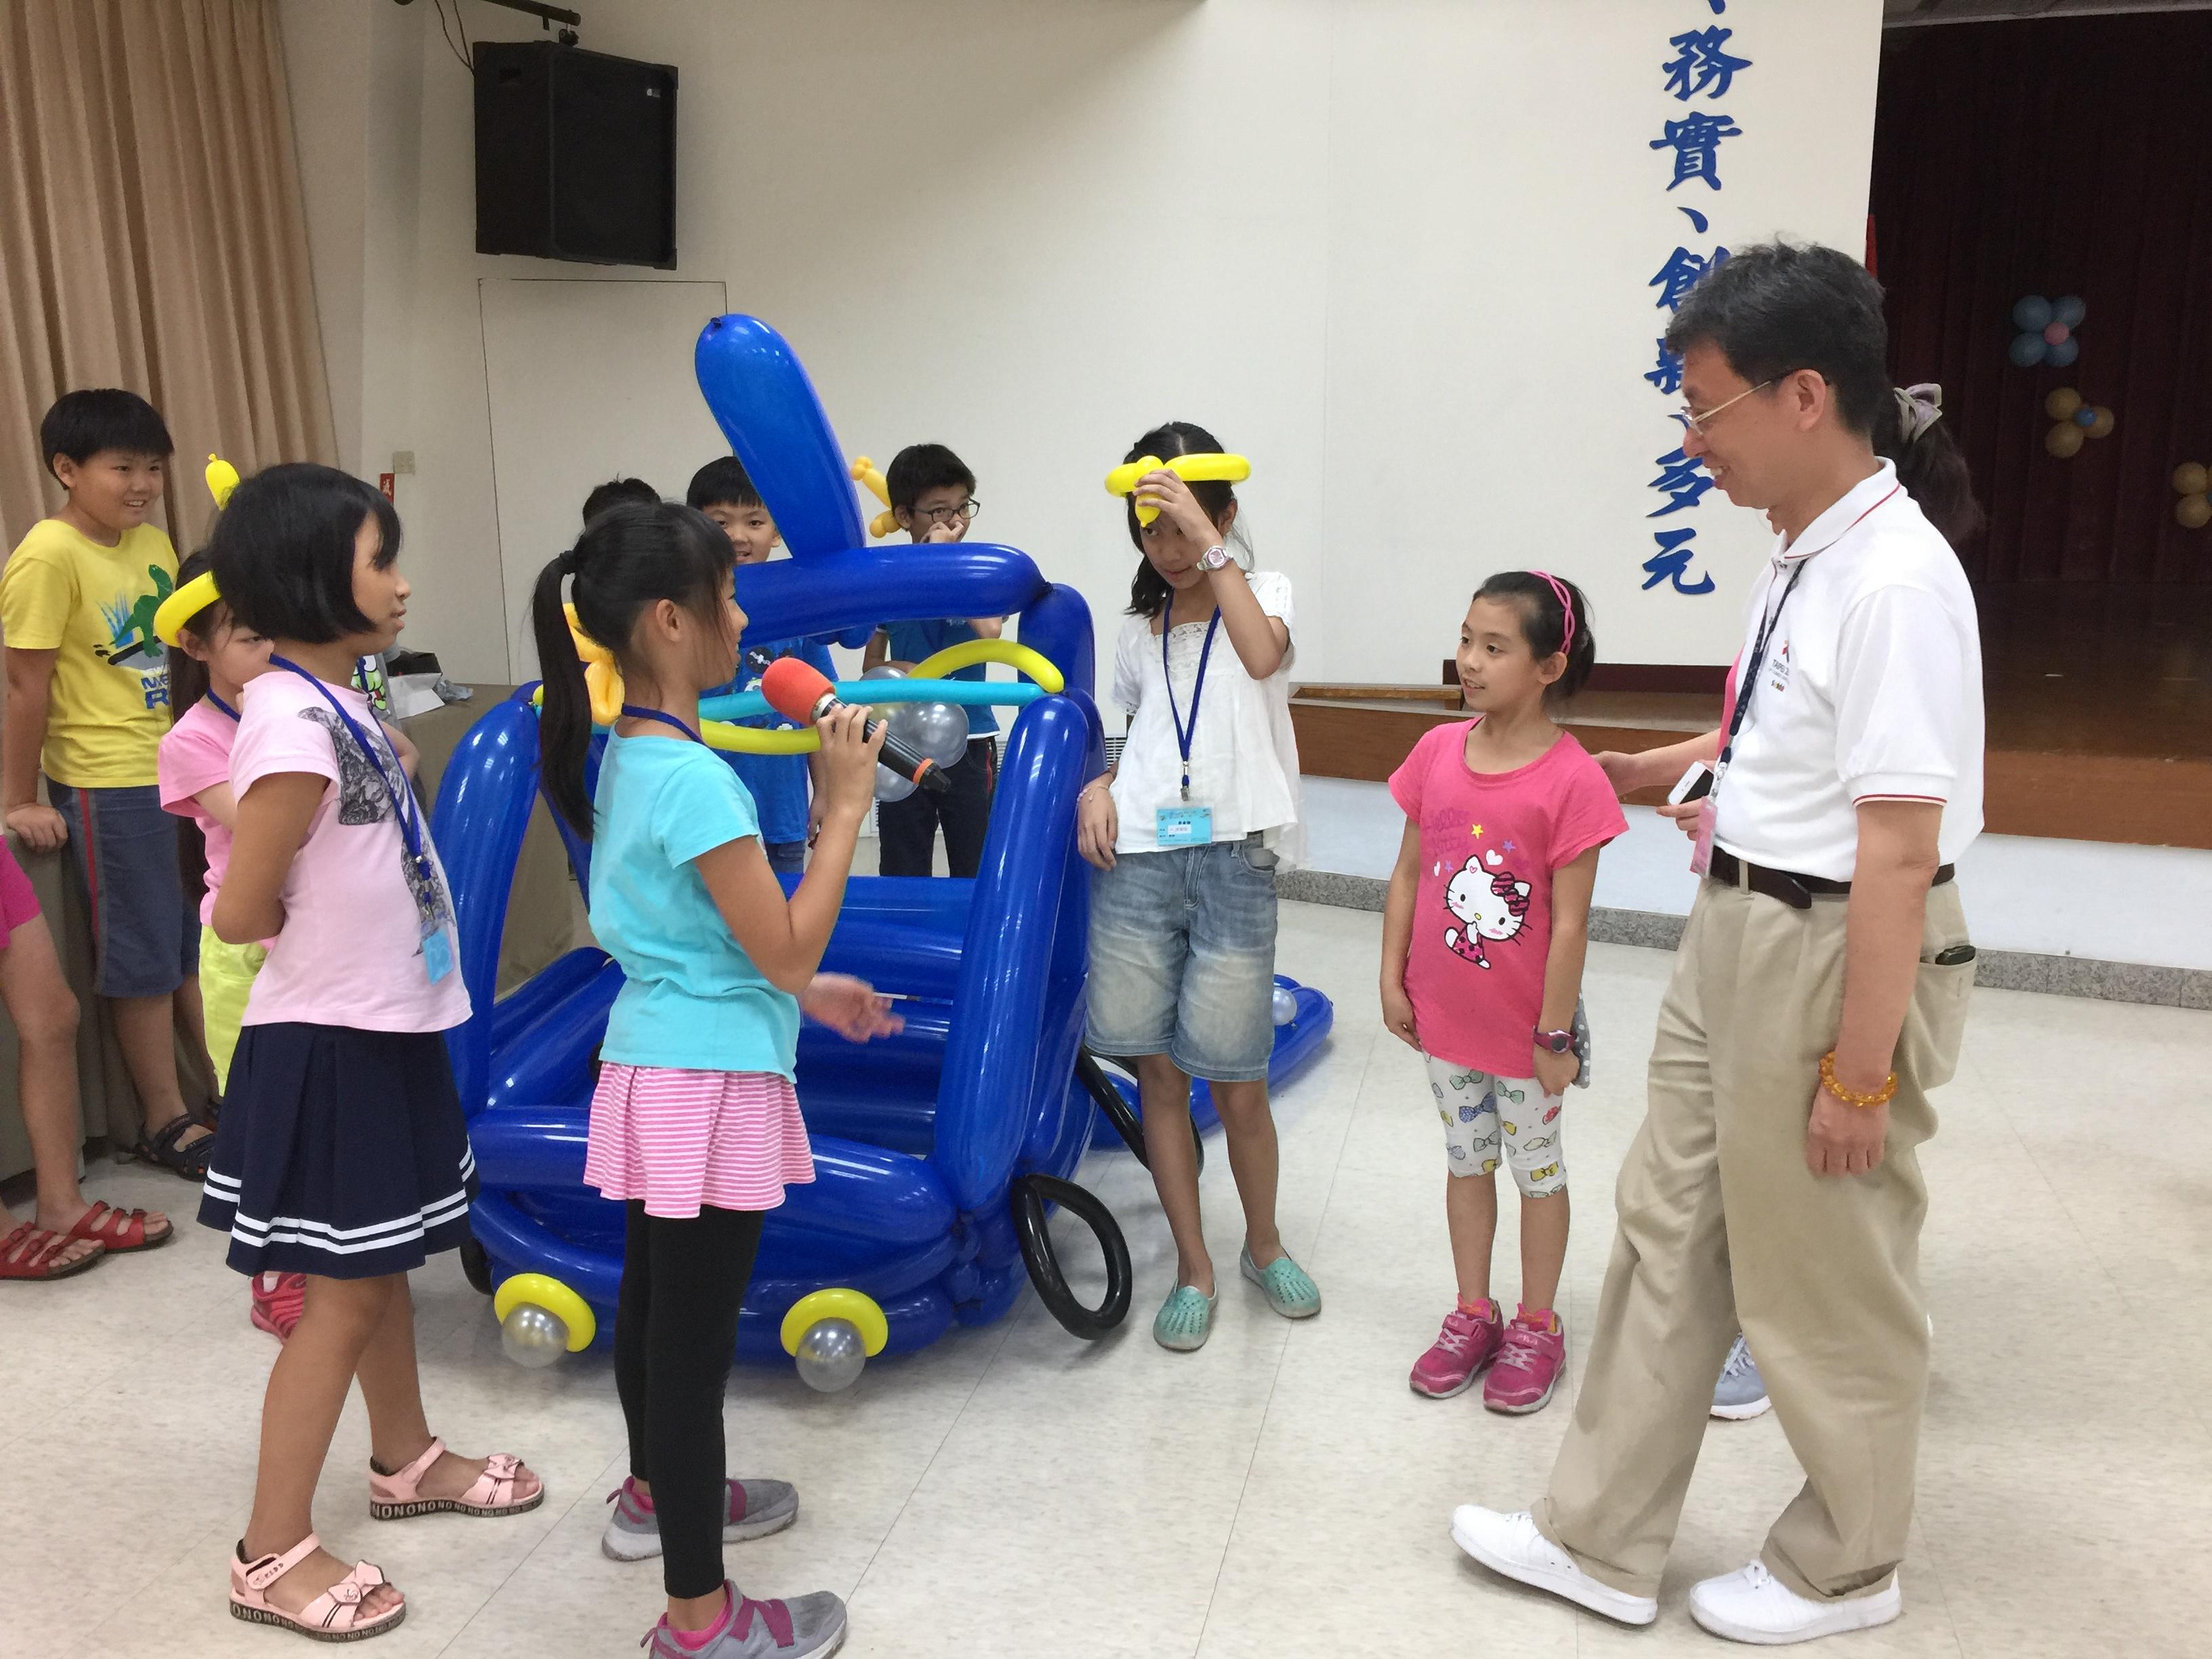 106Fun租稅Fun氣球活動照片20藍隊學員說明創作理念